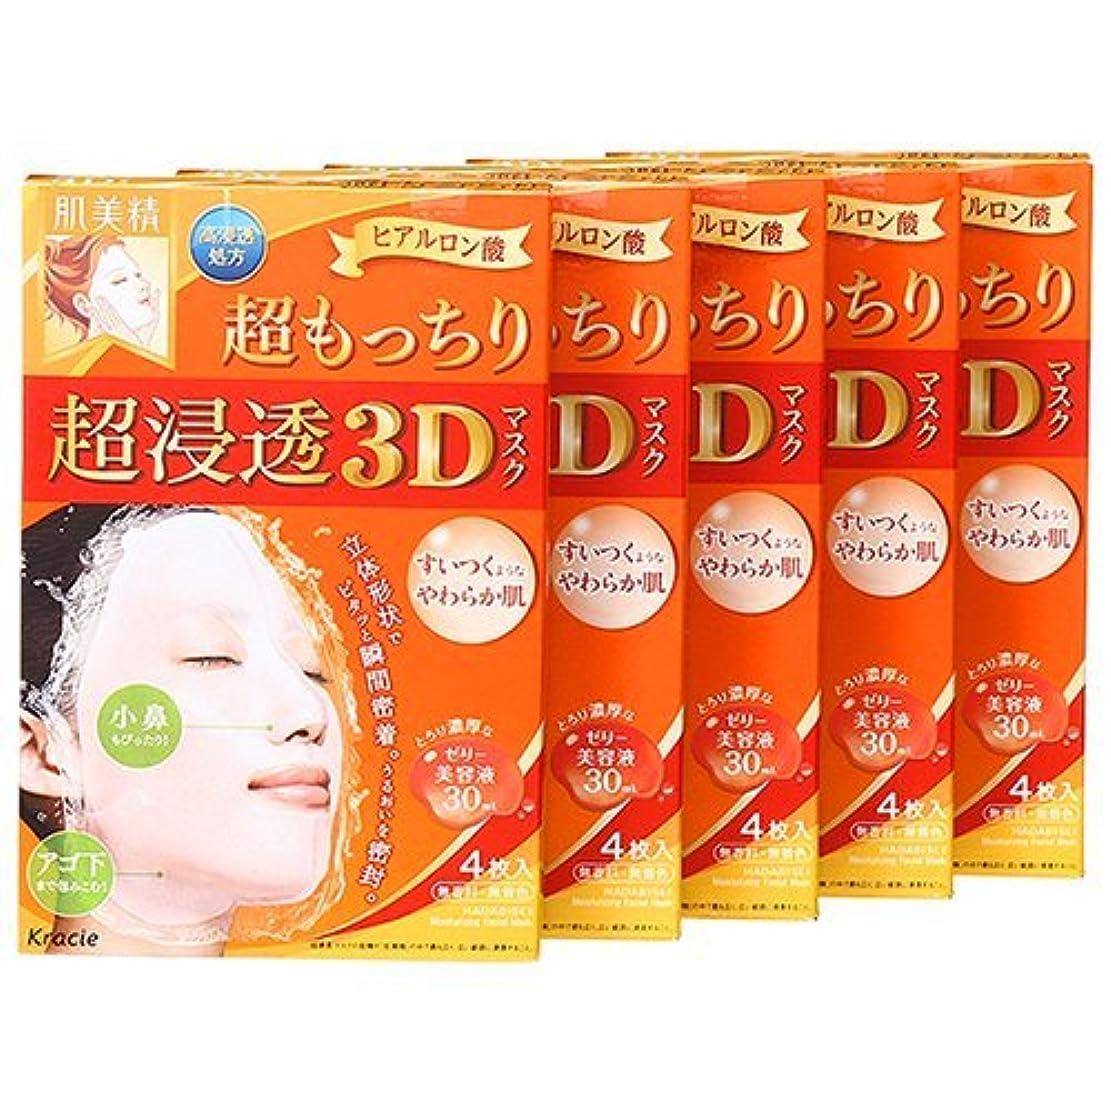 批判的診療所北クラシエホームプロダクツ 肌美精 超浸透3Dマスク 超もっちり 4枚入 (美容液30mL/1枚) 5点セット [並行輸入品]